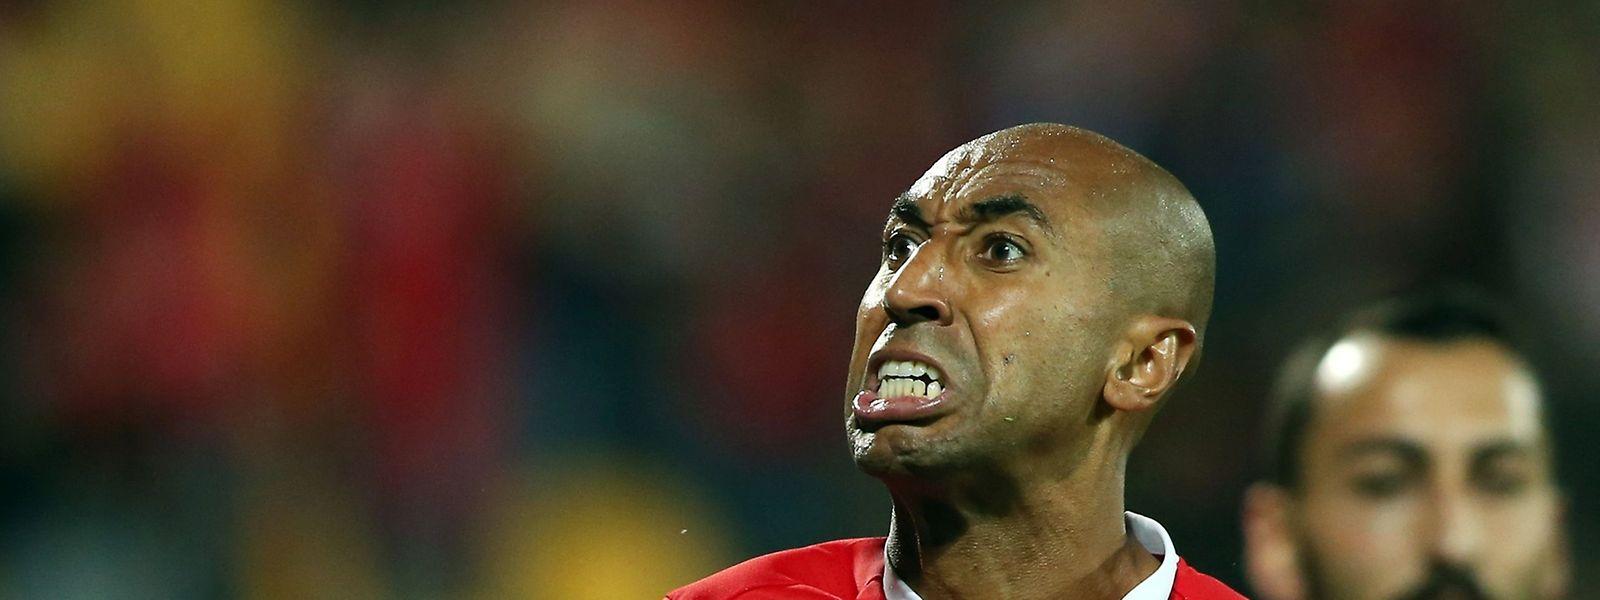 O capitão encarnado Luisão assinala 500 jogos pelo Benfica.